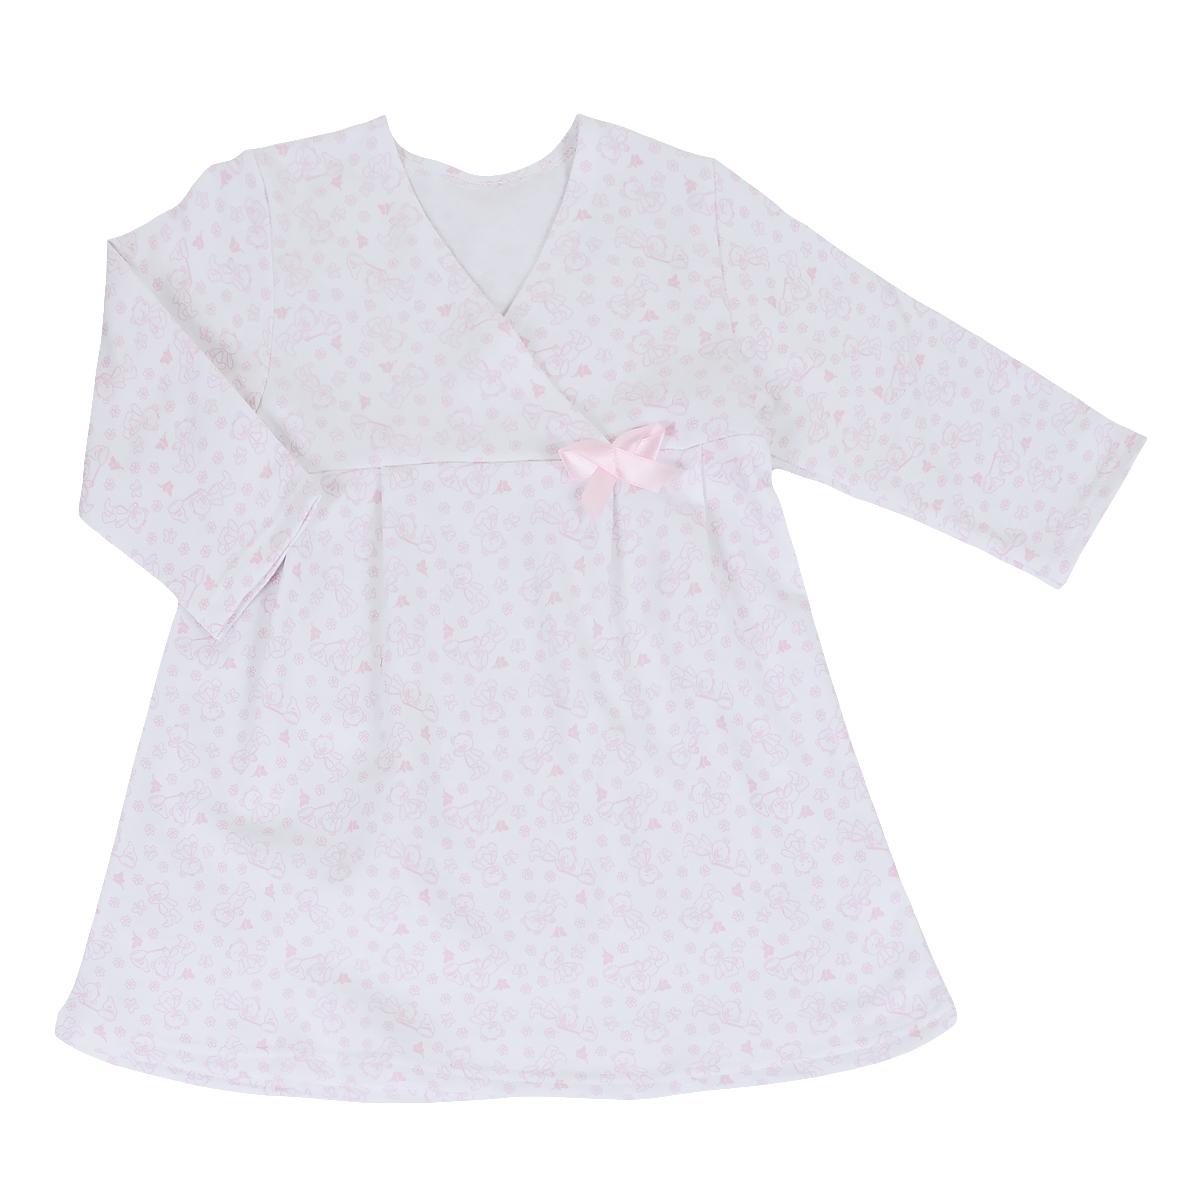 Сорочка ночная для девочки Трон-плюс, цвет: белый, розовый, рисунок мишки. 5522. Размер 98/104, 3-5 лет5522Яркая сорочка Трон-плюс идеально подойдет вашей малышке и станет отличным дополнением к детскому гардеробу. Теплая сорочка, изготовленная из футера - натурального хлопка, необычайно мягкая и легкая, не сковывает движения ребенка, позволяет коже дышать и не раздражает даже самую нежную и чувствительную кожу малыша. Сорочка трапециевидного кроя с длинными рукавами, V-образным вырезом горловины. Полочка состоит из двух частей, заходящих друг на друга. По переднему и заднему полотнищам юбки заложены небольшие складки. Сорочка оформлена атласным бантиком.В такой сорочке ваш ребенок будет чувствовать себя комфортно и уютно во время сна.